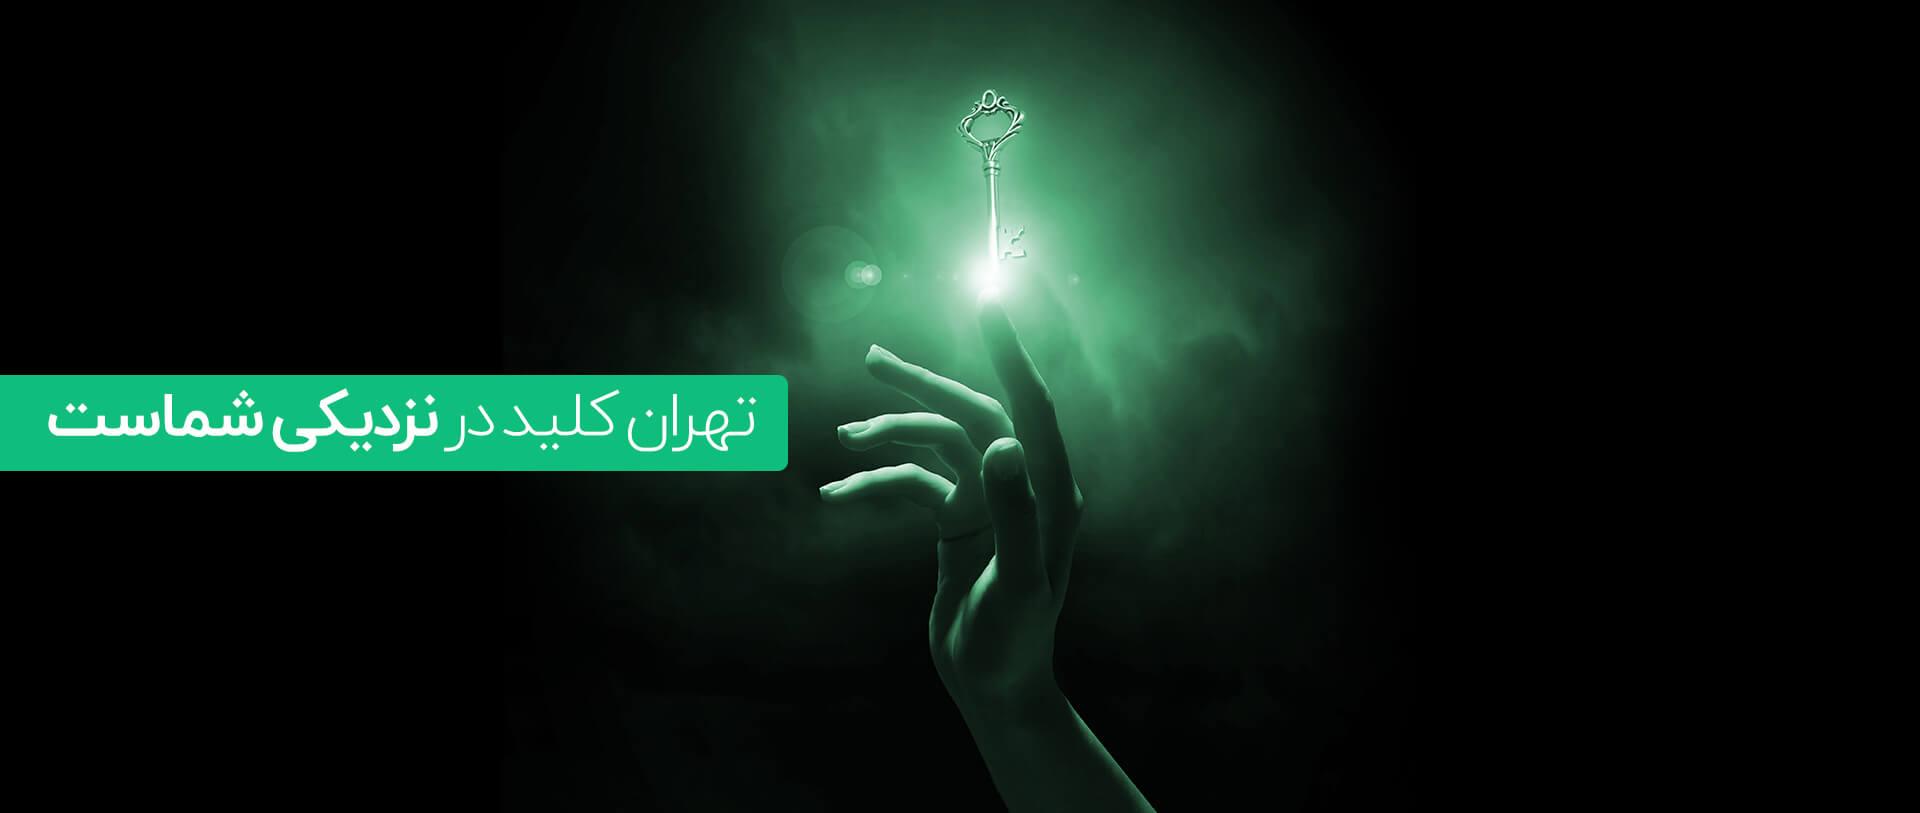 با کلید سازی شبانه روزی تهران کلید هیچگاه پشت درب بسته نمیمانید.